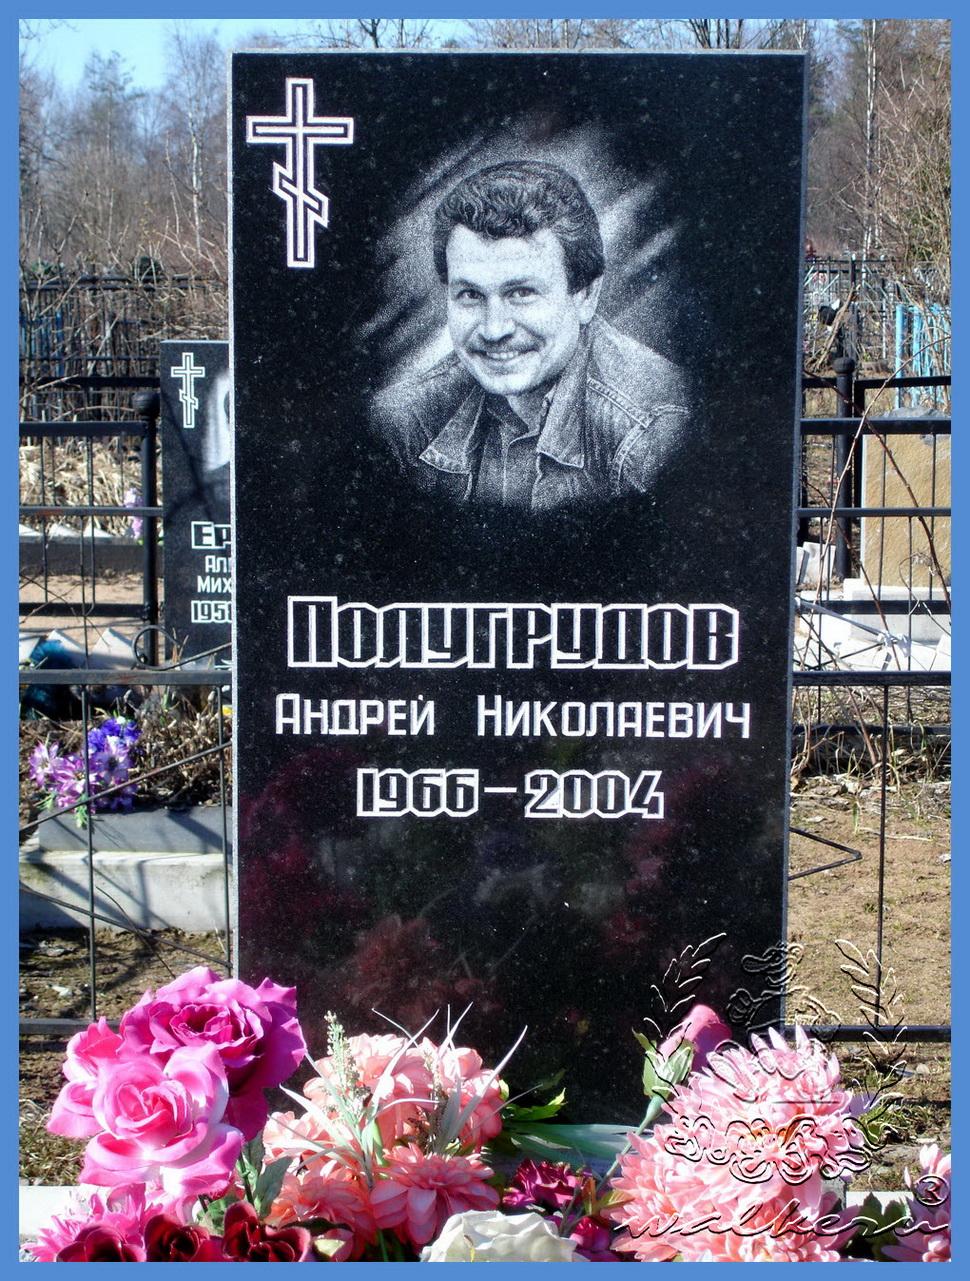 Полугрудов Андрей Николаевич